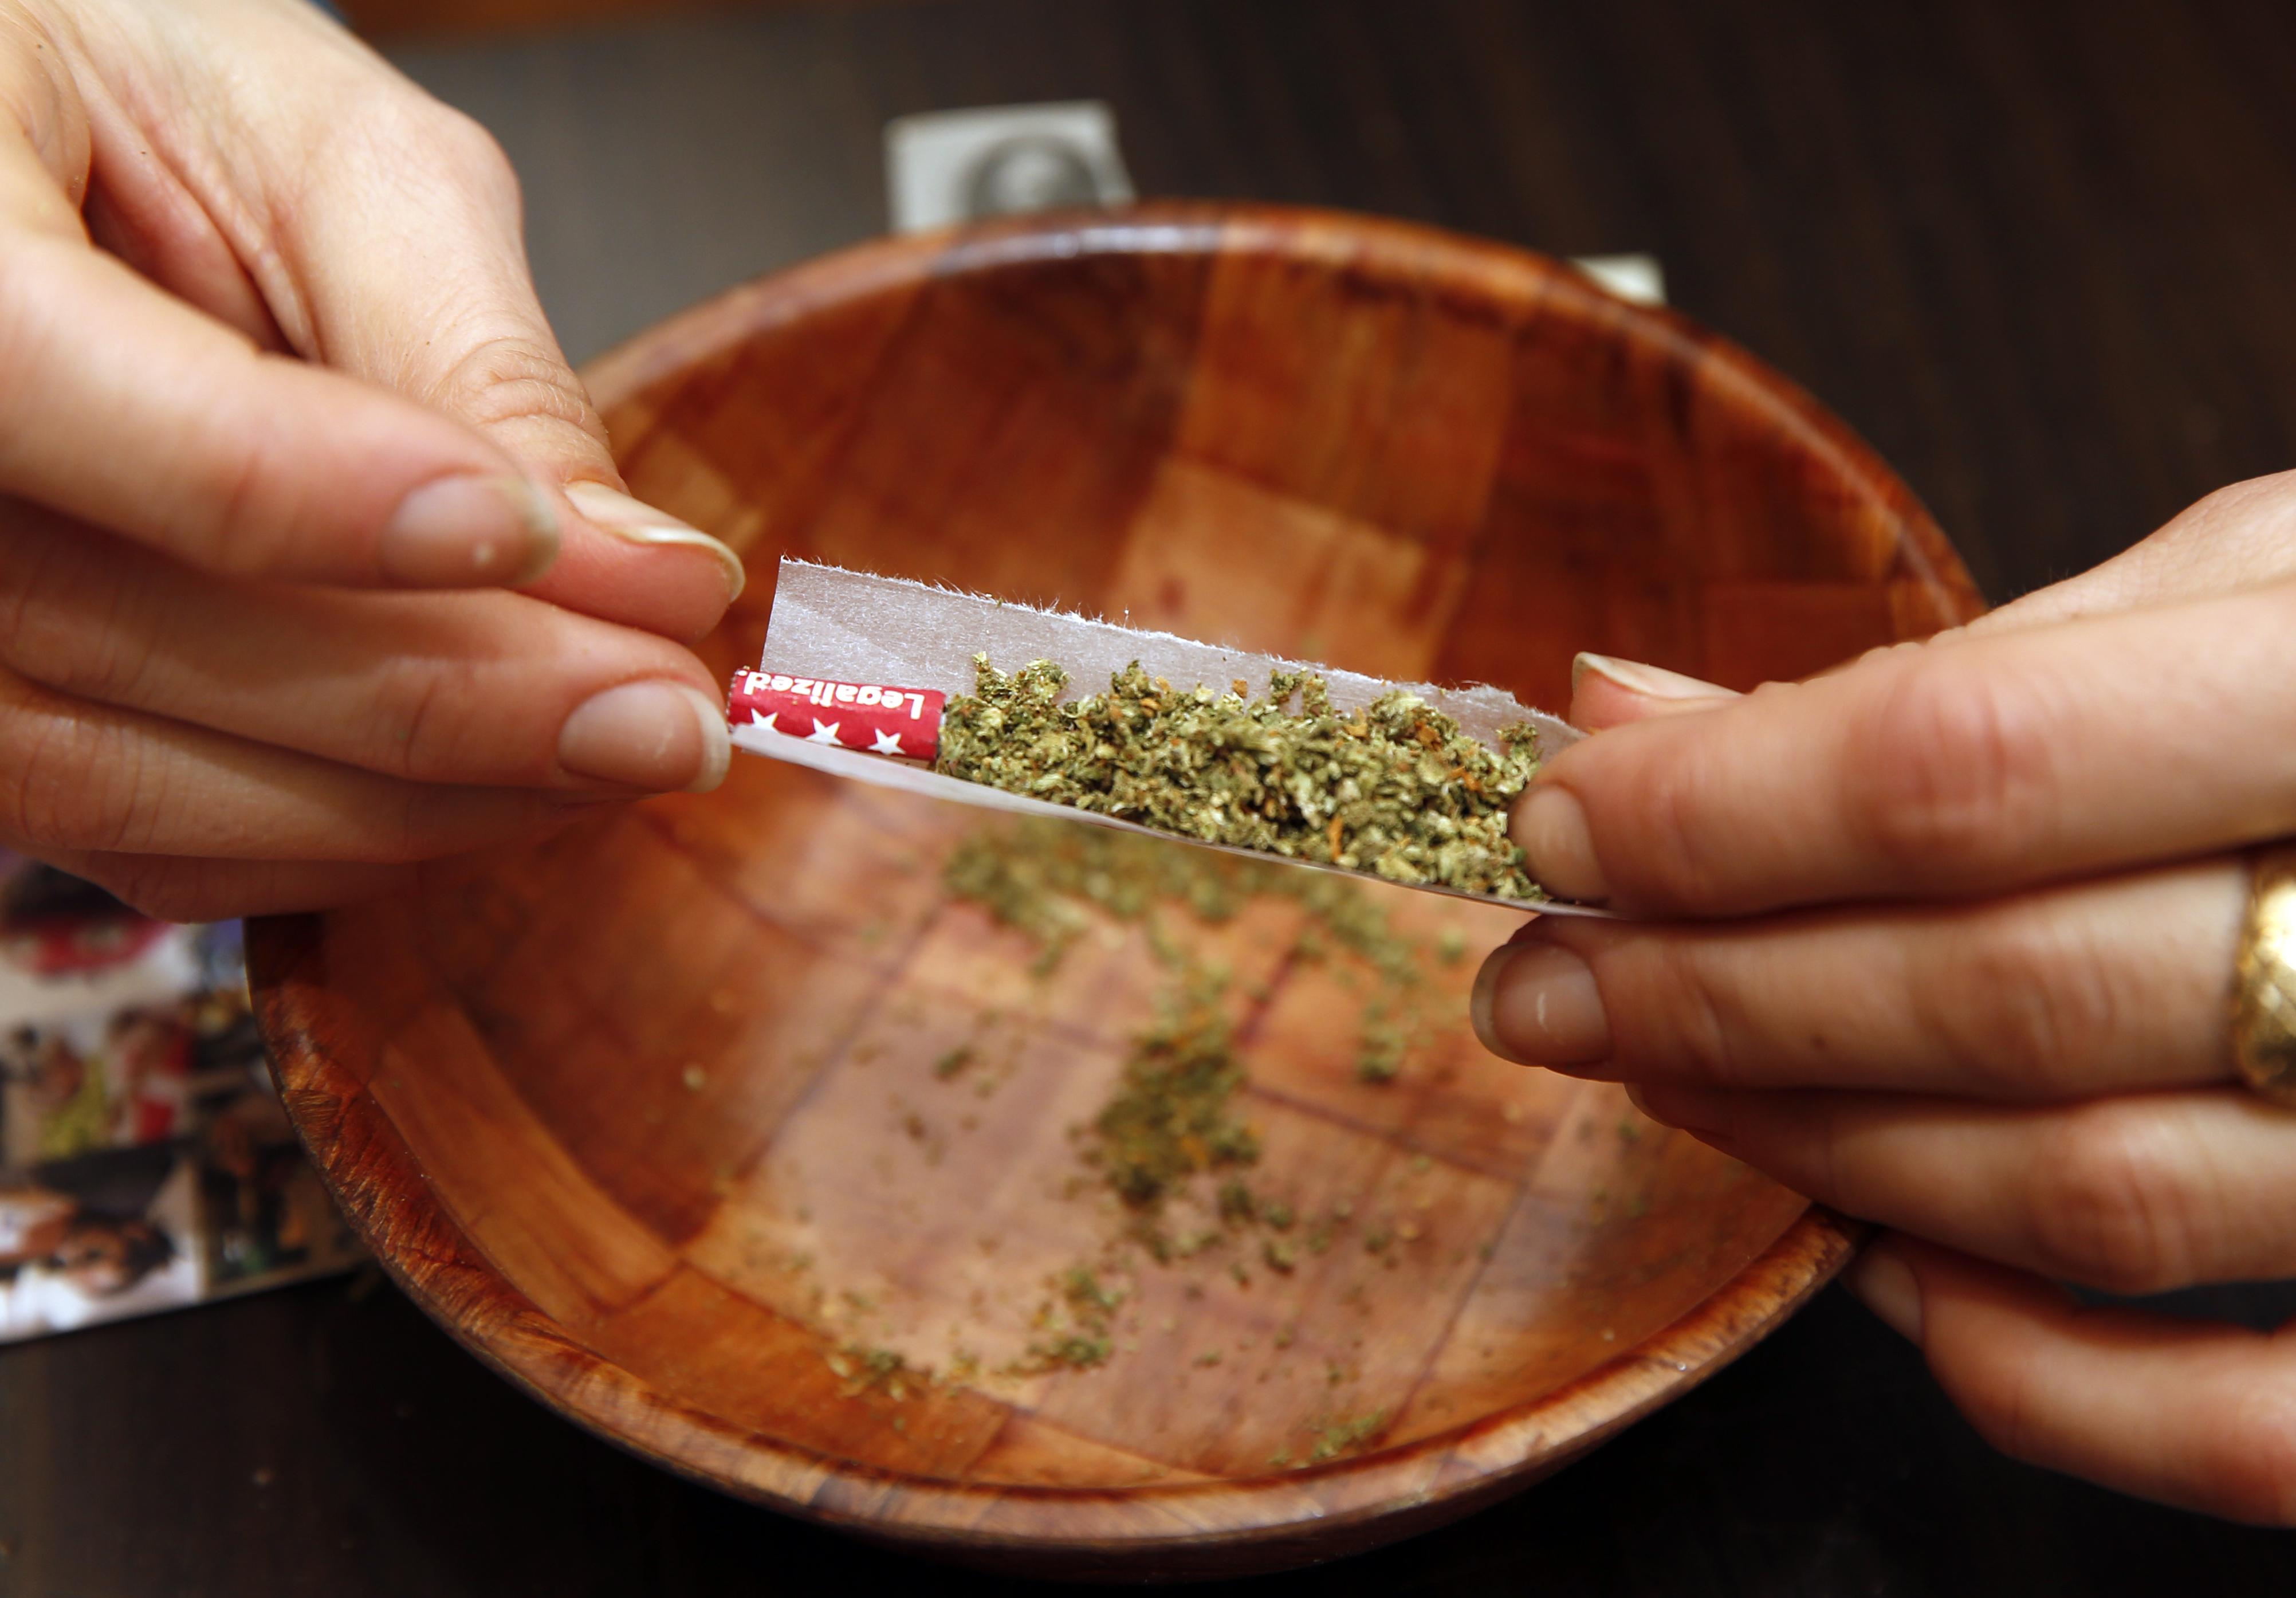 Study: Smoking pot as a teen can affect long-term memory